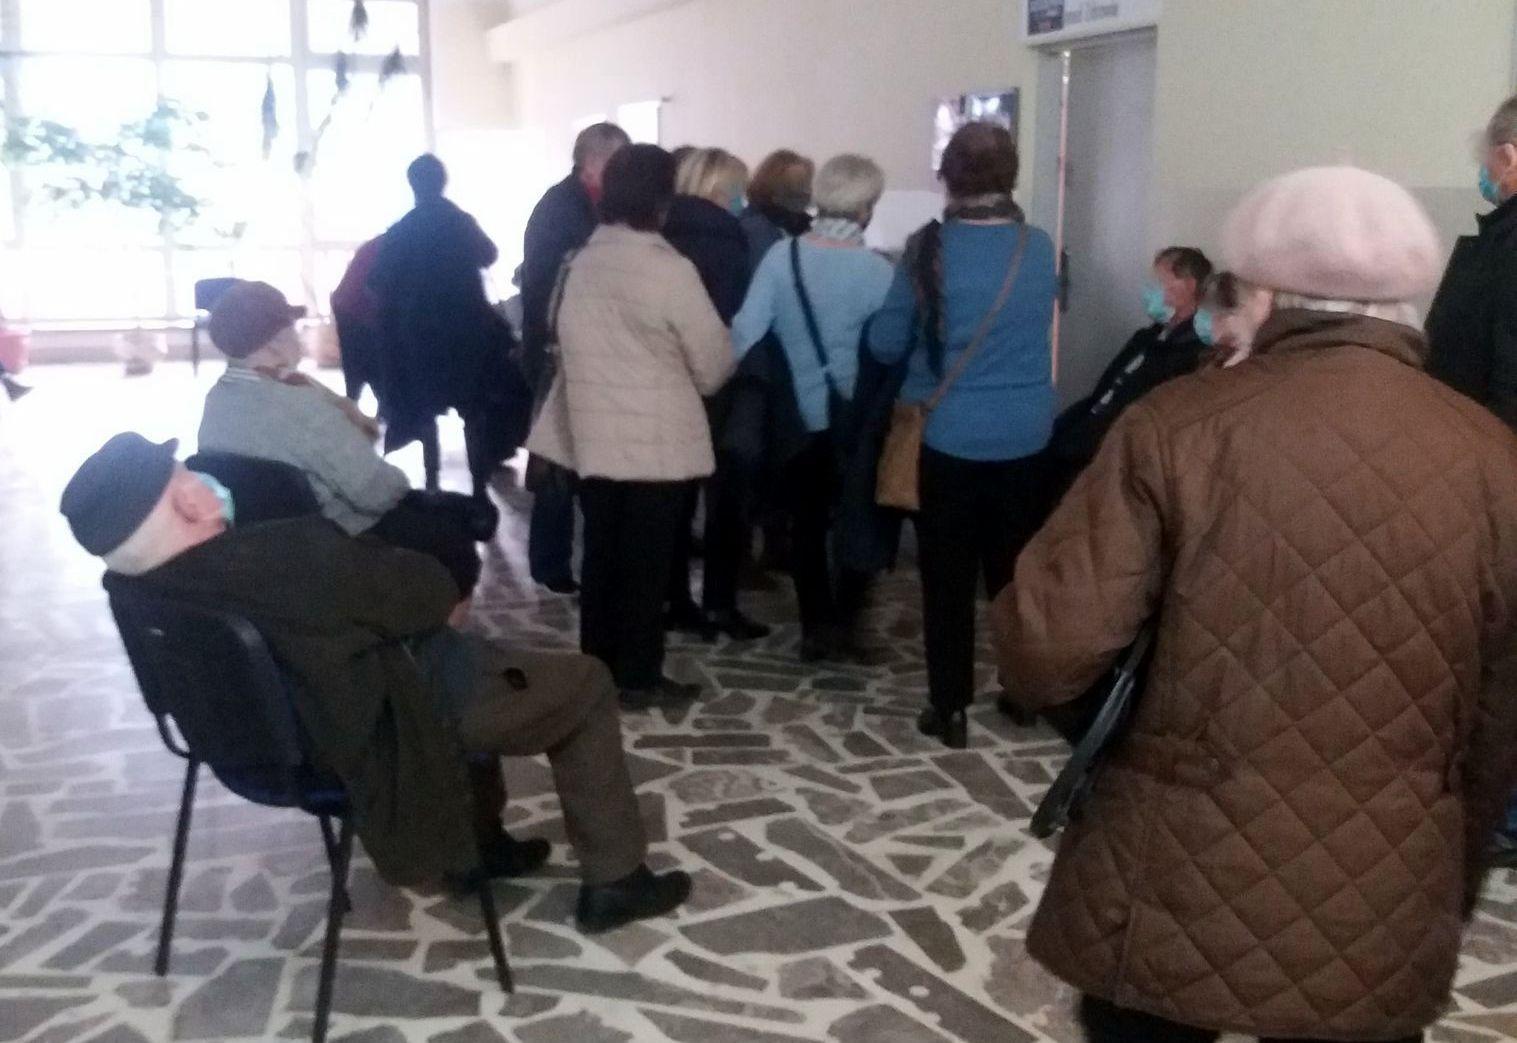 SYGNAŁY CZYTELNIKÓW: Czy tak ma wyglądać akcja szczepienia seniorów? [ZDJĘCIA-WIDEO] - Zdjęcie główne